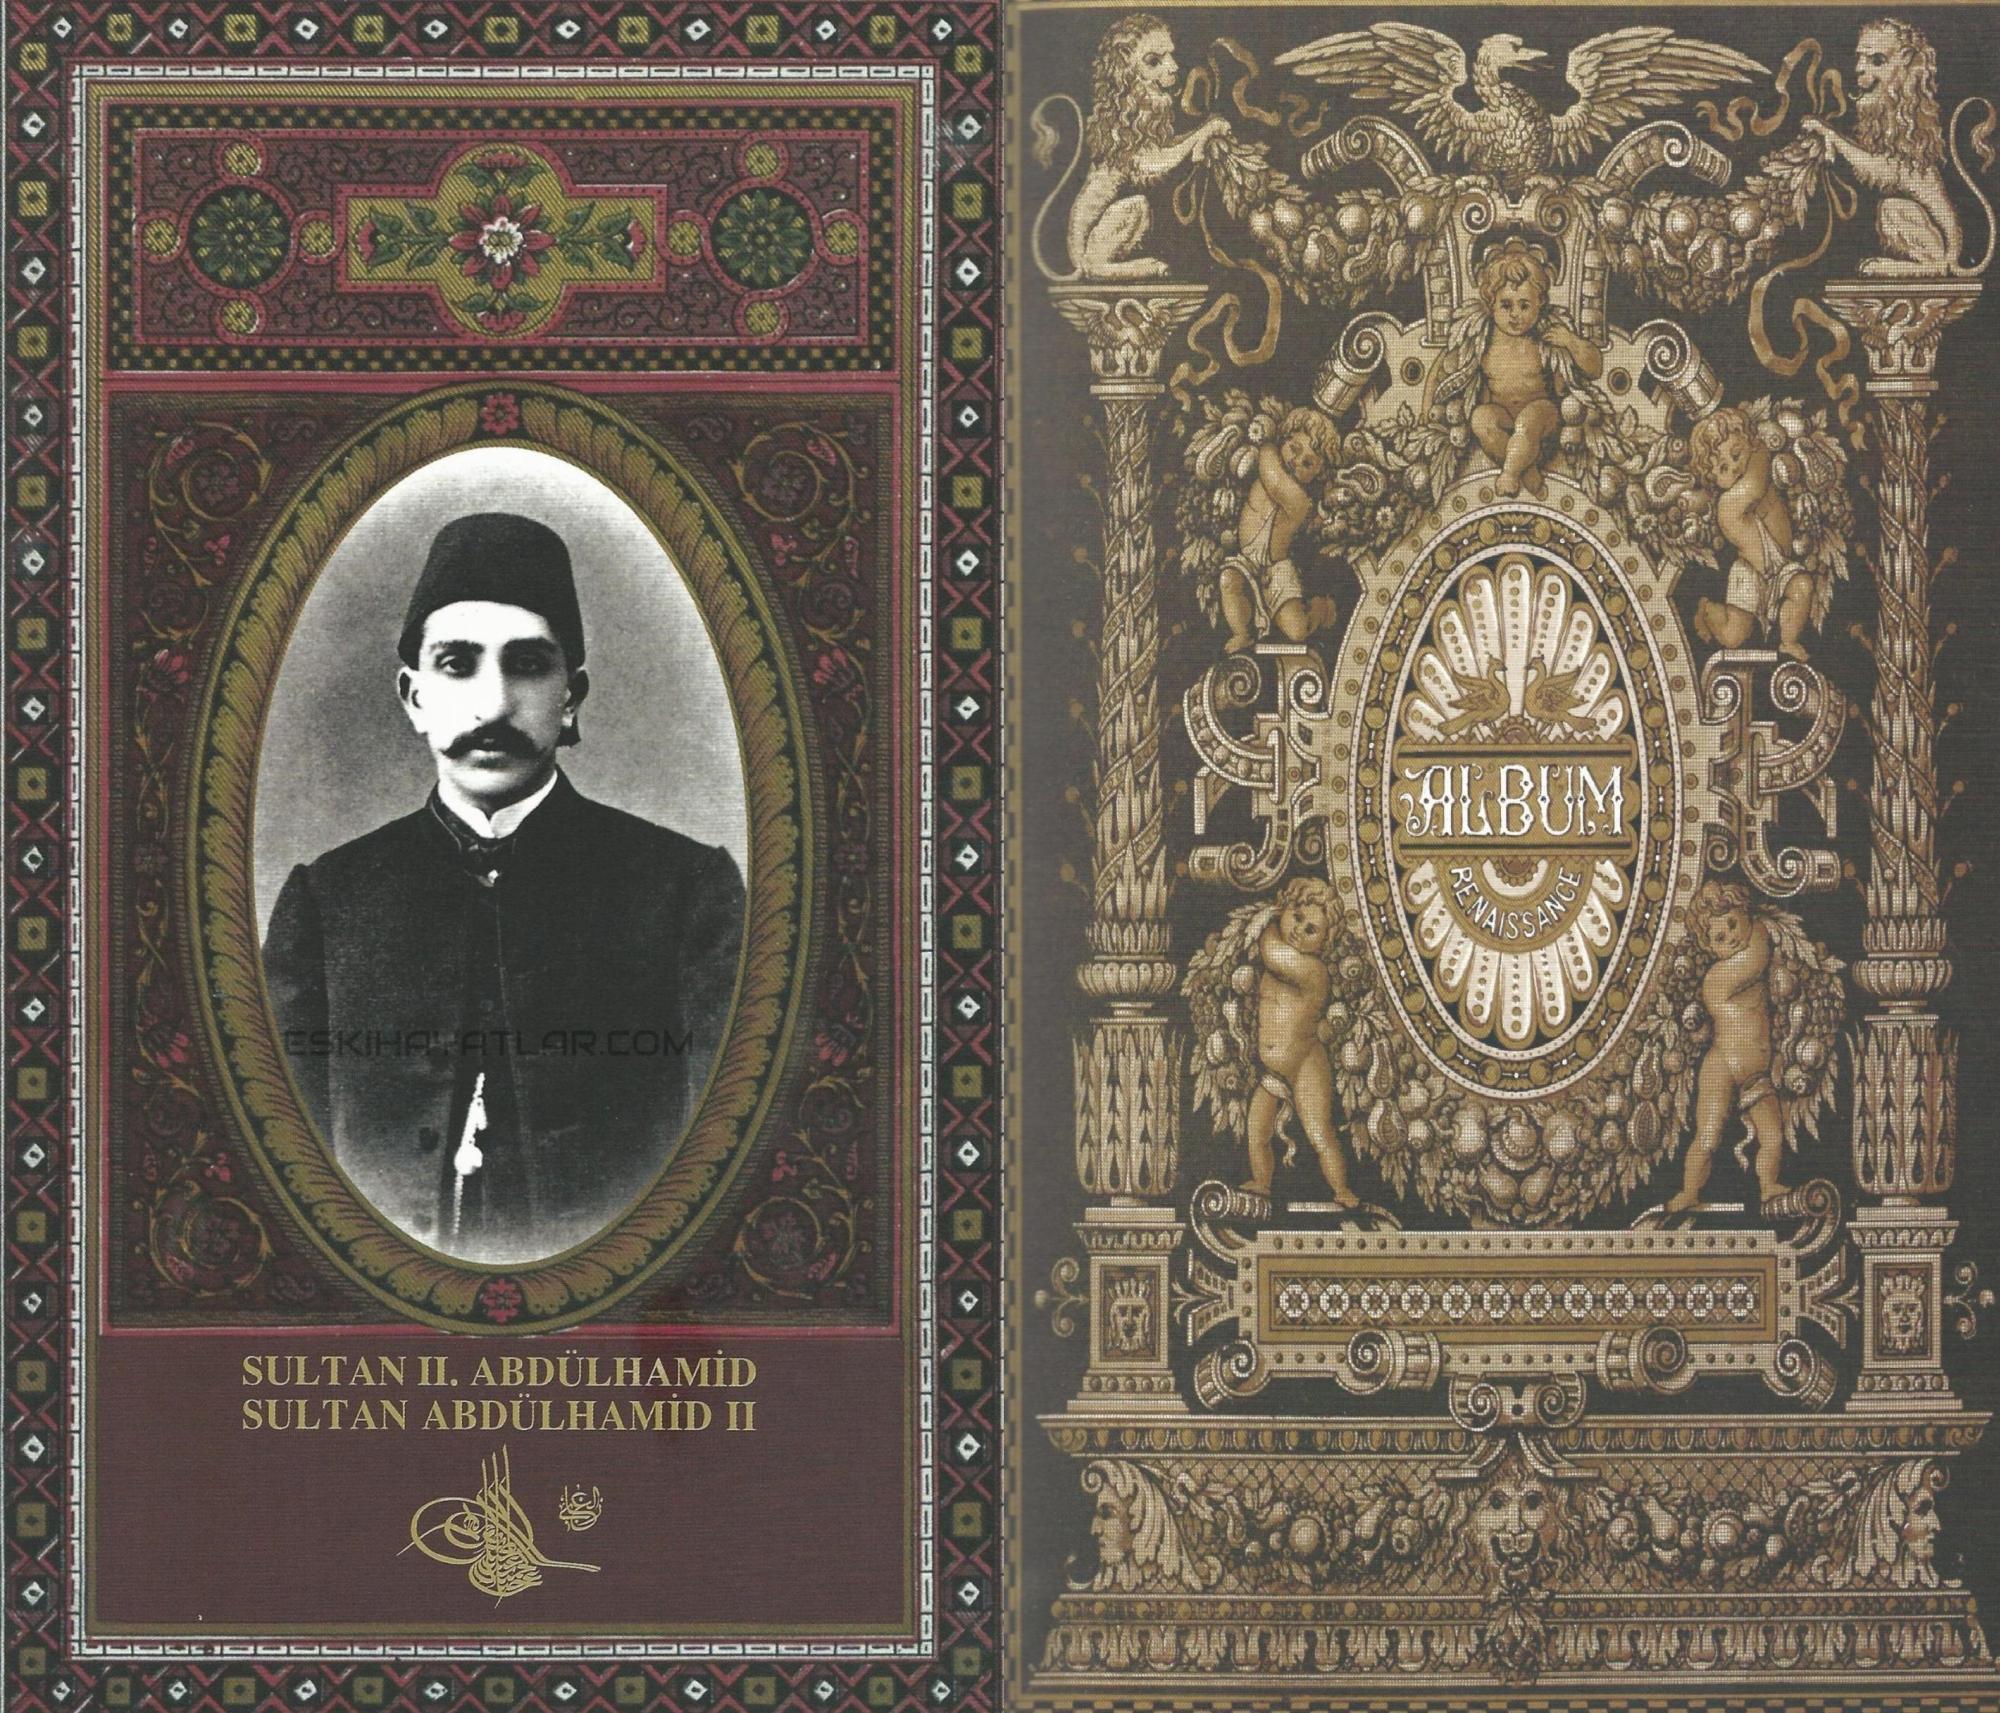 sultan-abdulhamid-in-aile-albumleri-abdullah-biraderler-fotograflari-yildiz-sarayinda-cekilen-resimler (0000)